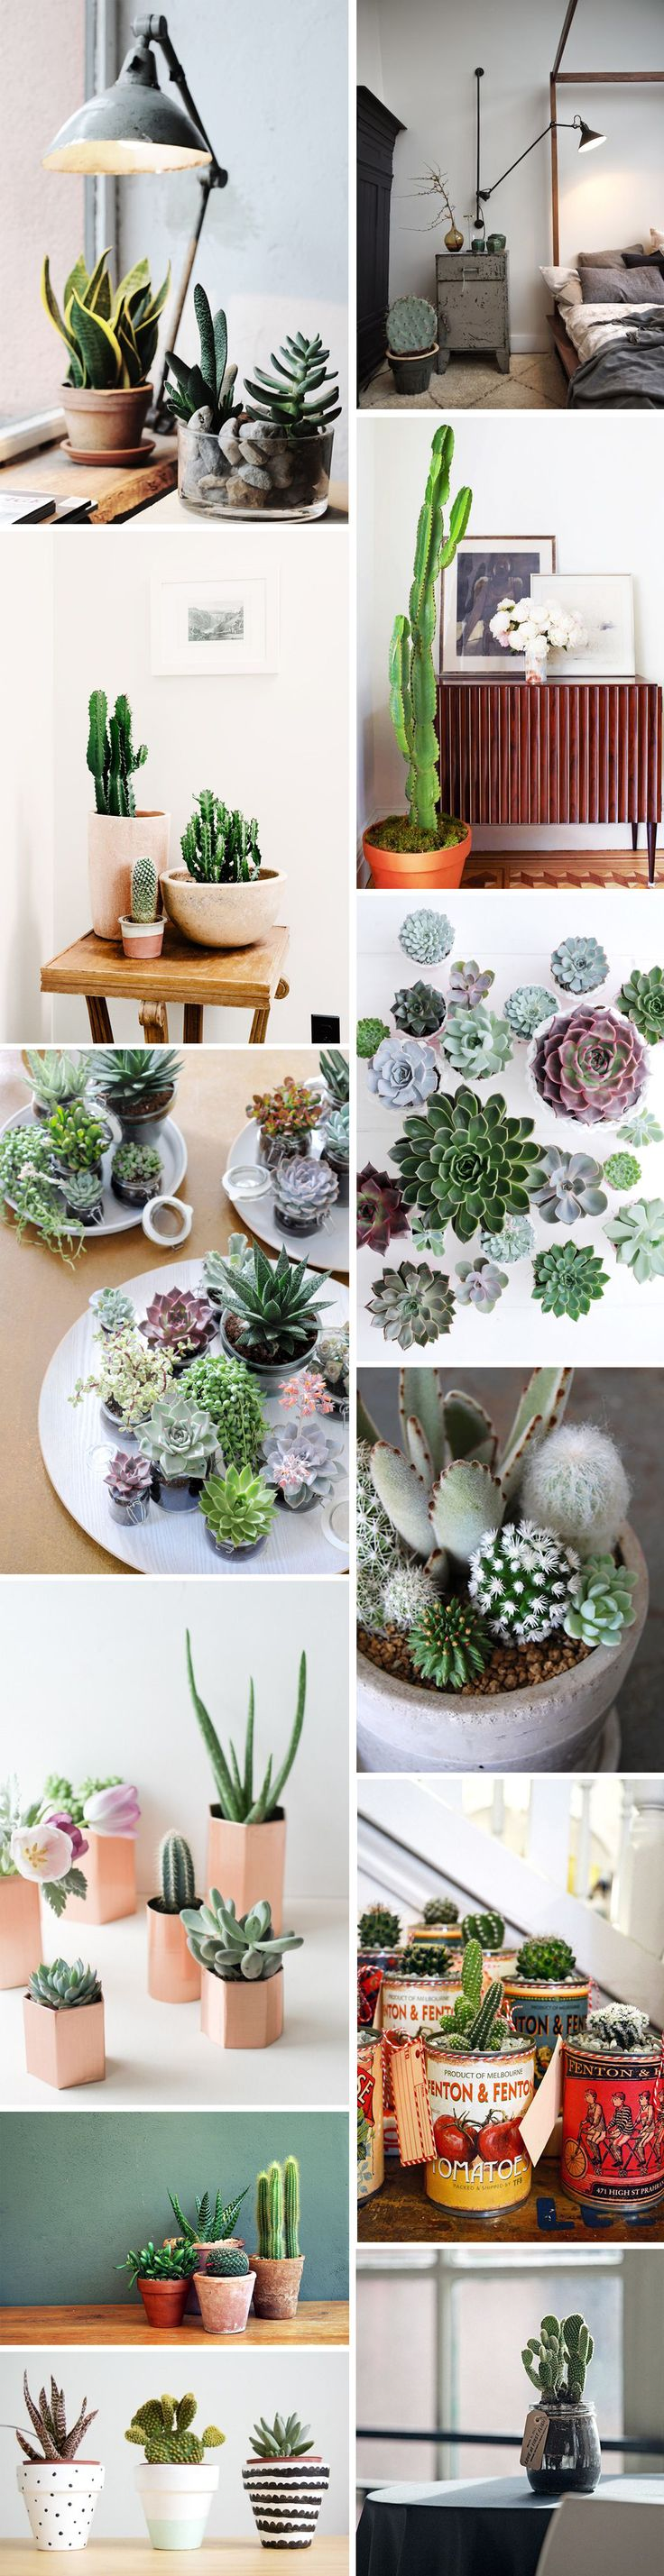 die 25 besten ideen zu kakteen auf pinterest kaktus hauspflanzen und kaktus f r drinnen. Black Bedroom Furniture Sets. Home Design Ideas